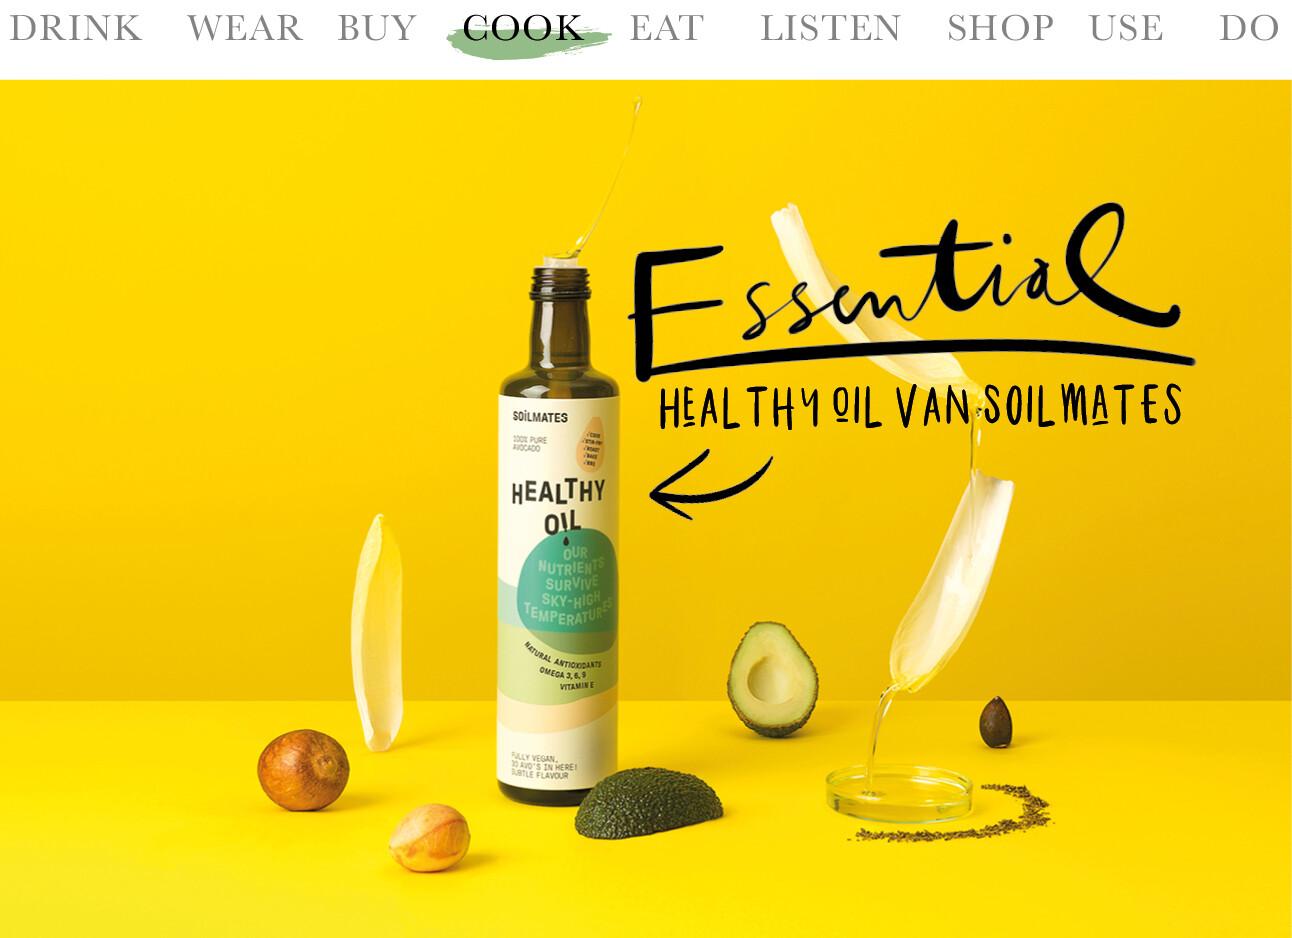 Healthy Oil van Soilmates